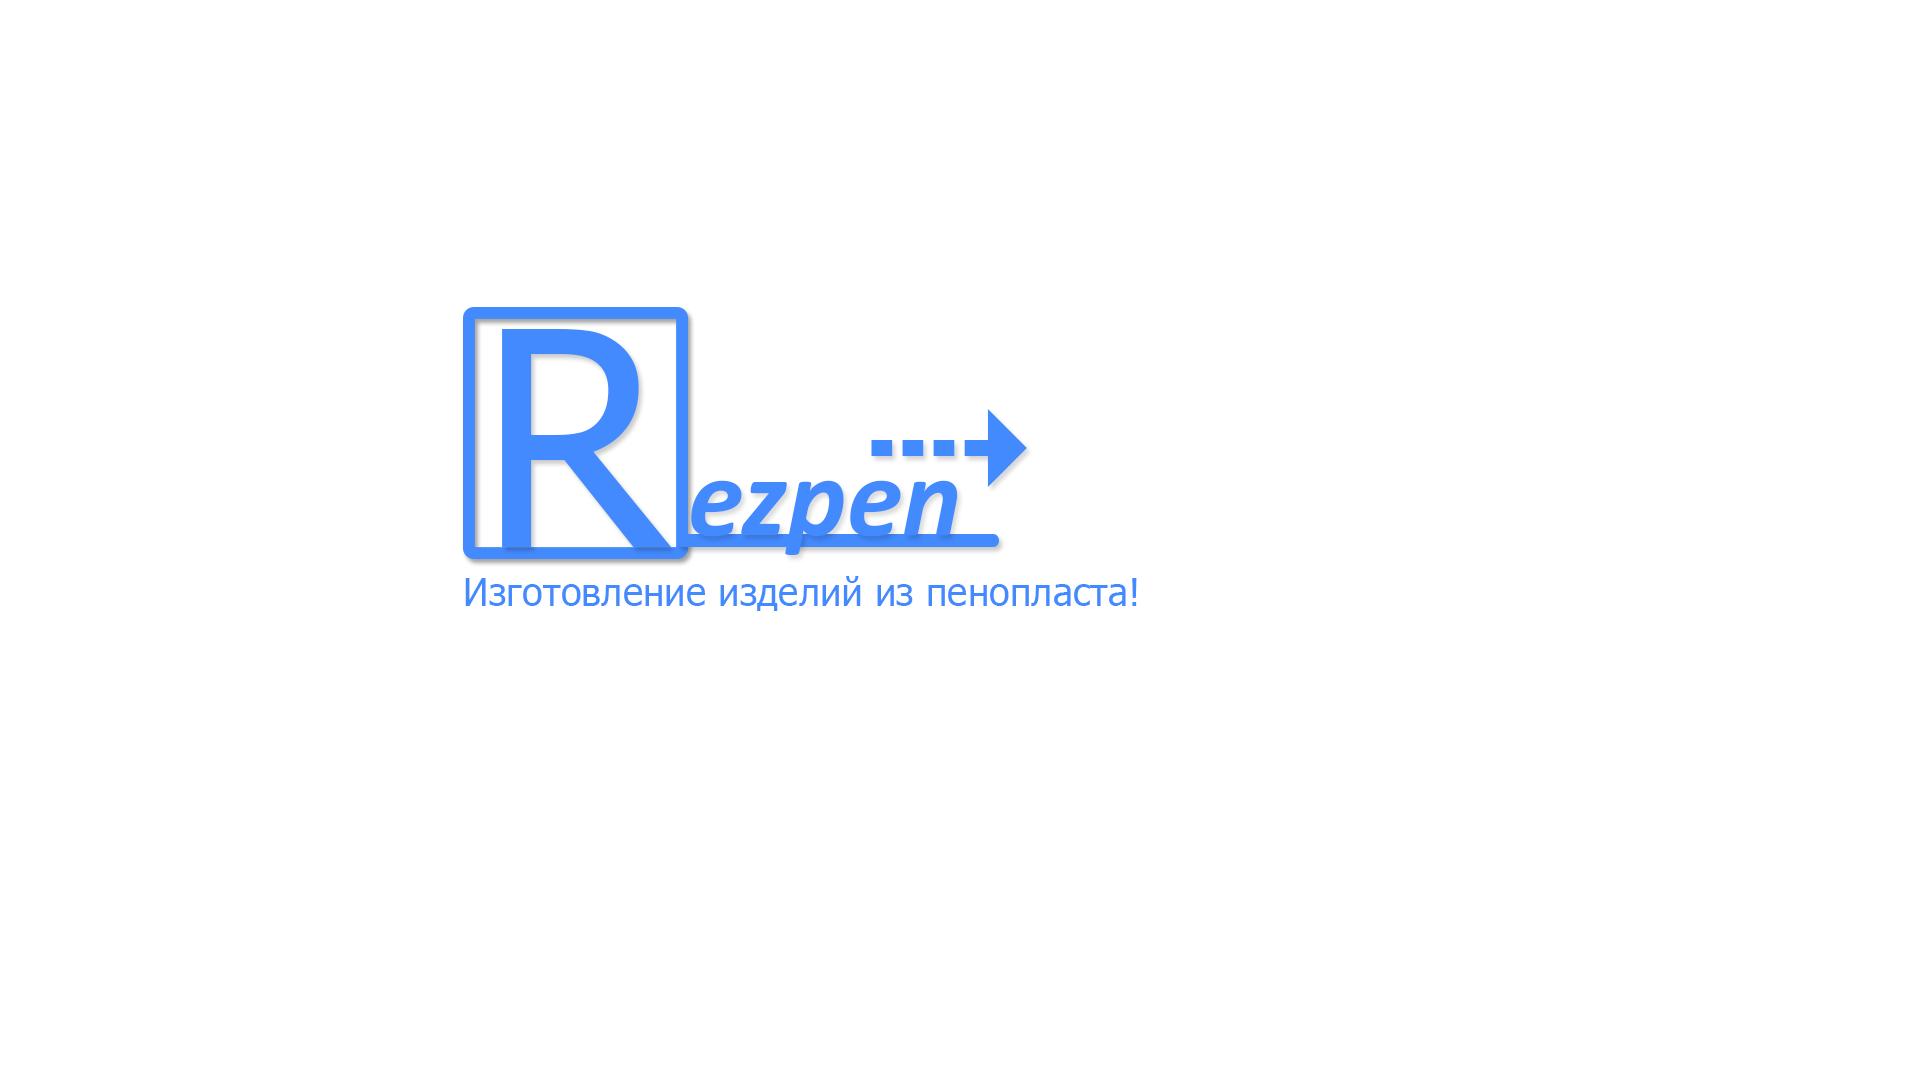 Редизайн логотипа фото f_5285a4a6f933494e.png